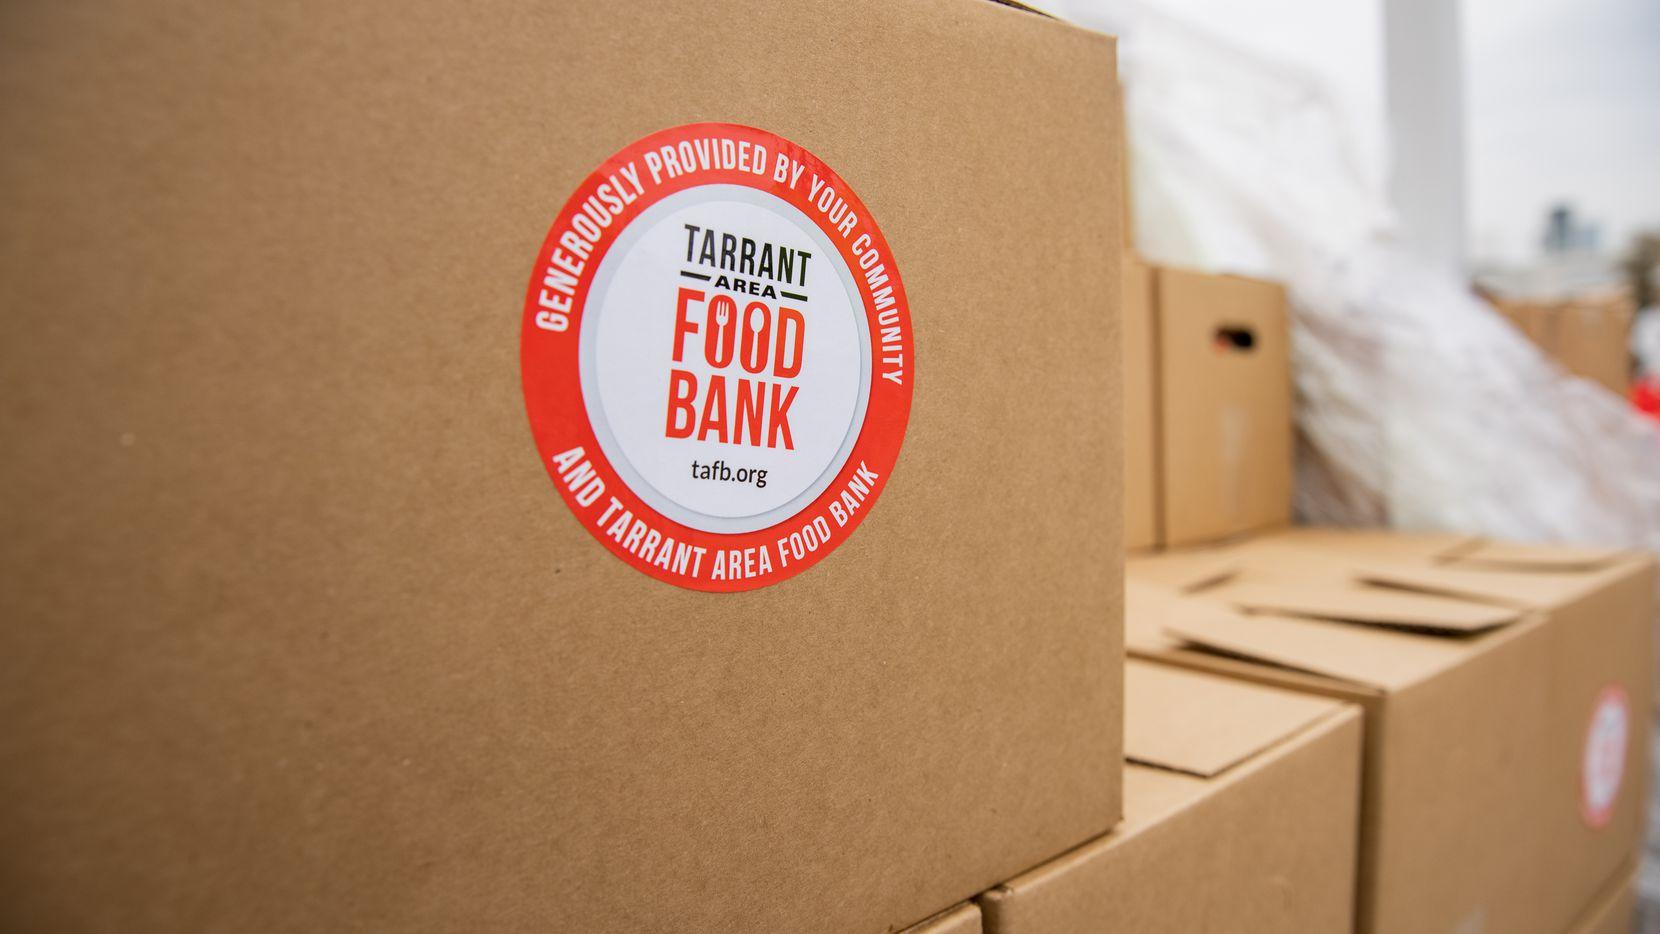 El Tarrant Area Food Bank cambió su entrega de canastas al lunes 29 de marzo, con motivo del Viernes Santo el 2 de abril.